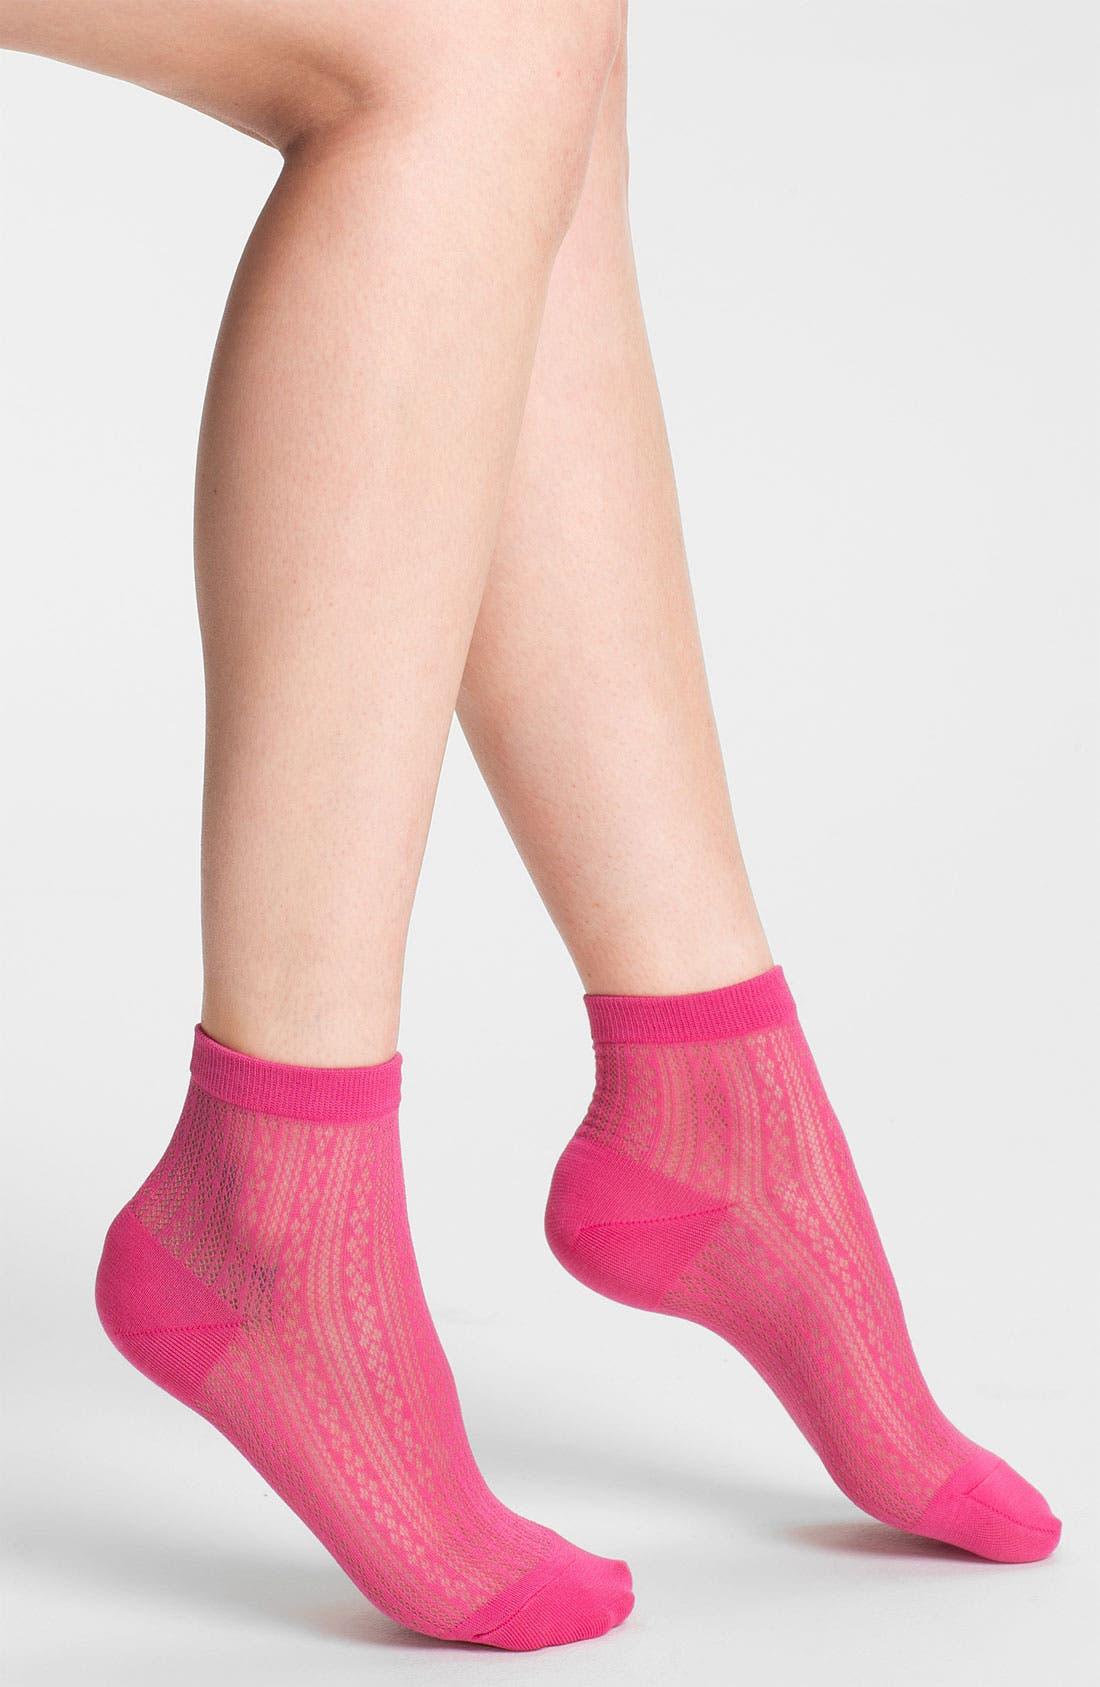 Main Image - Nordstrom 'I'm Frilled' Anklets